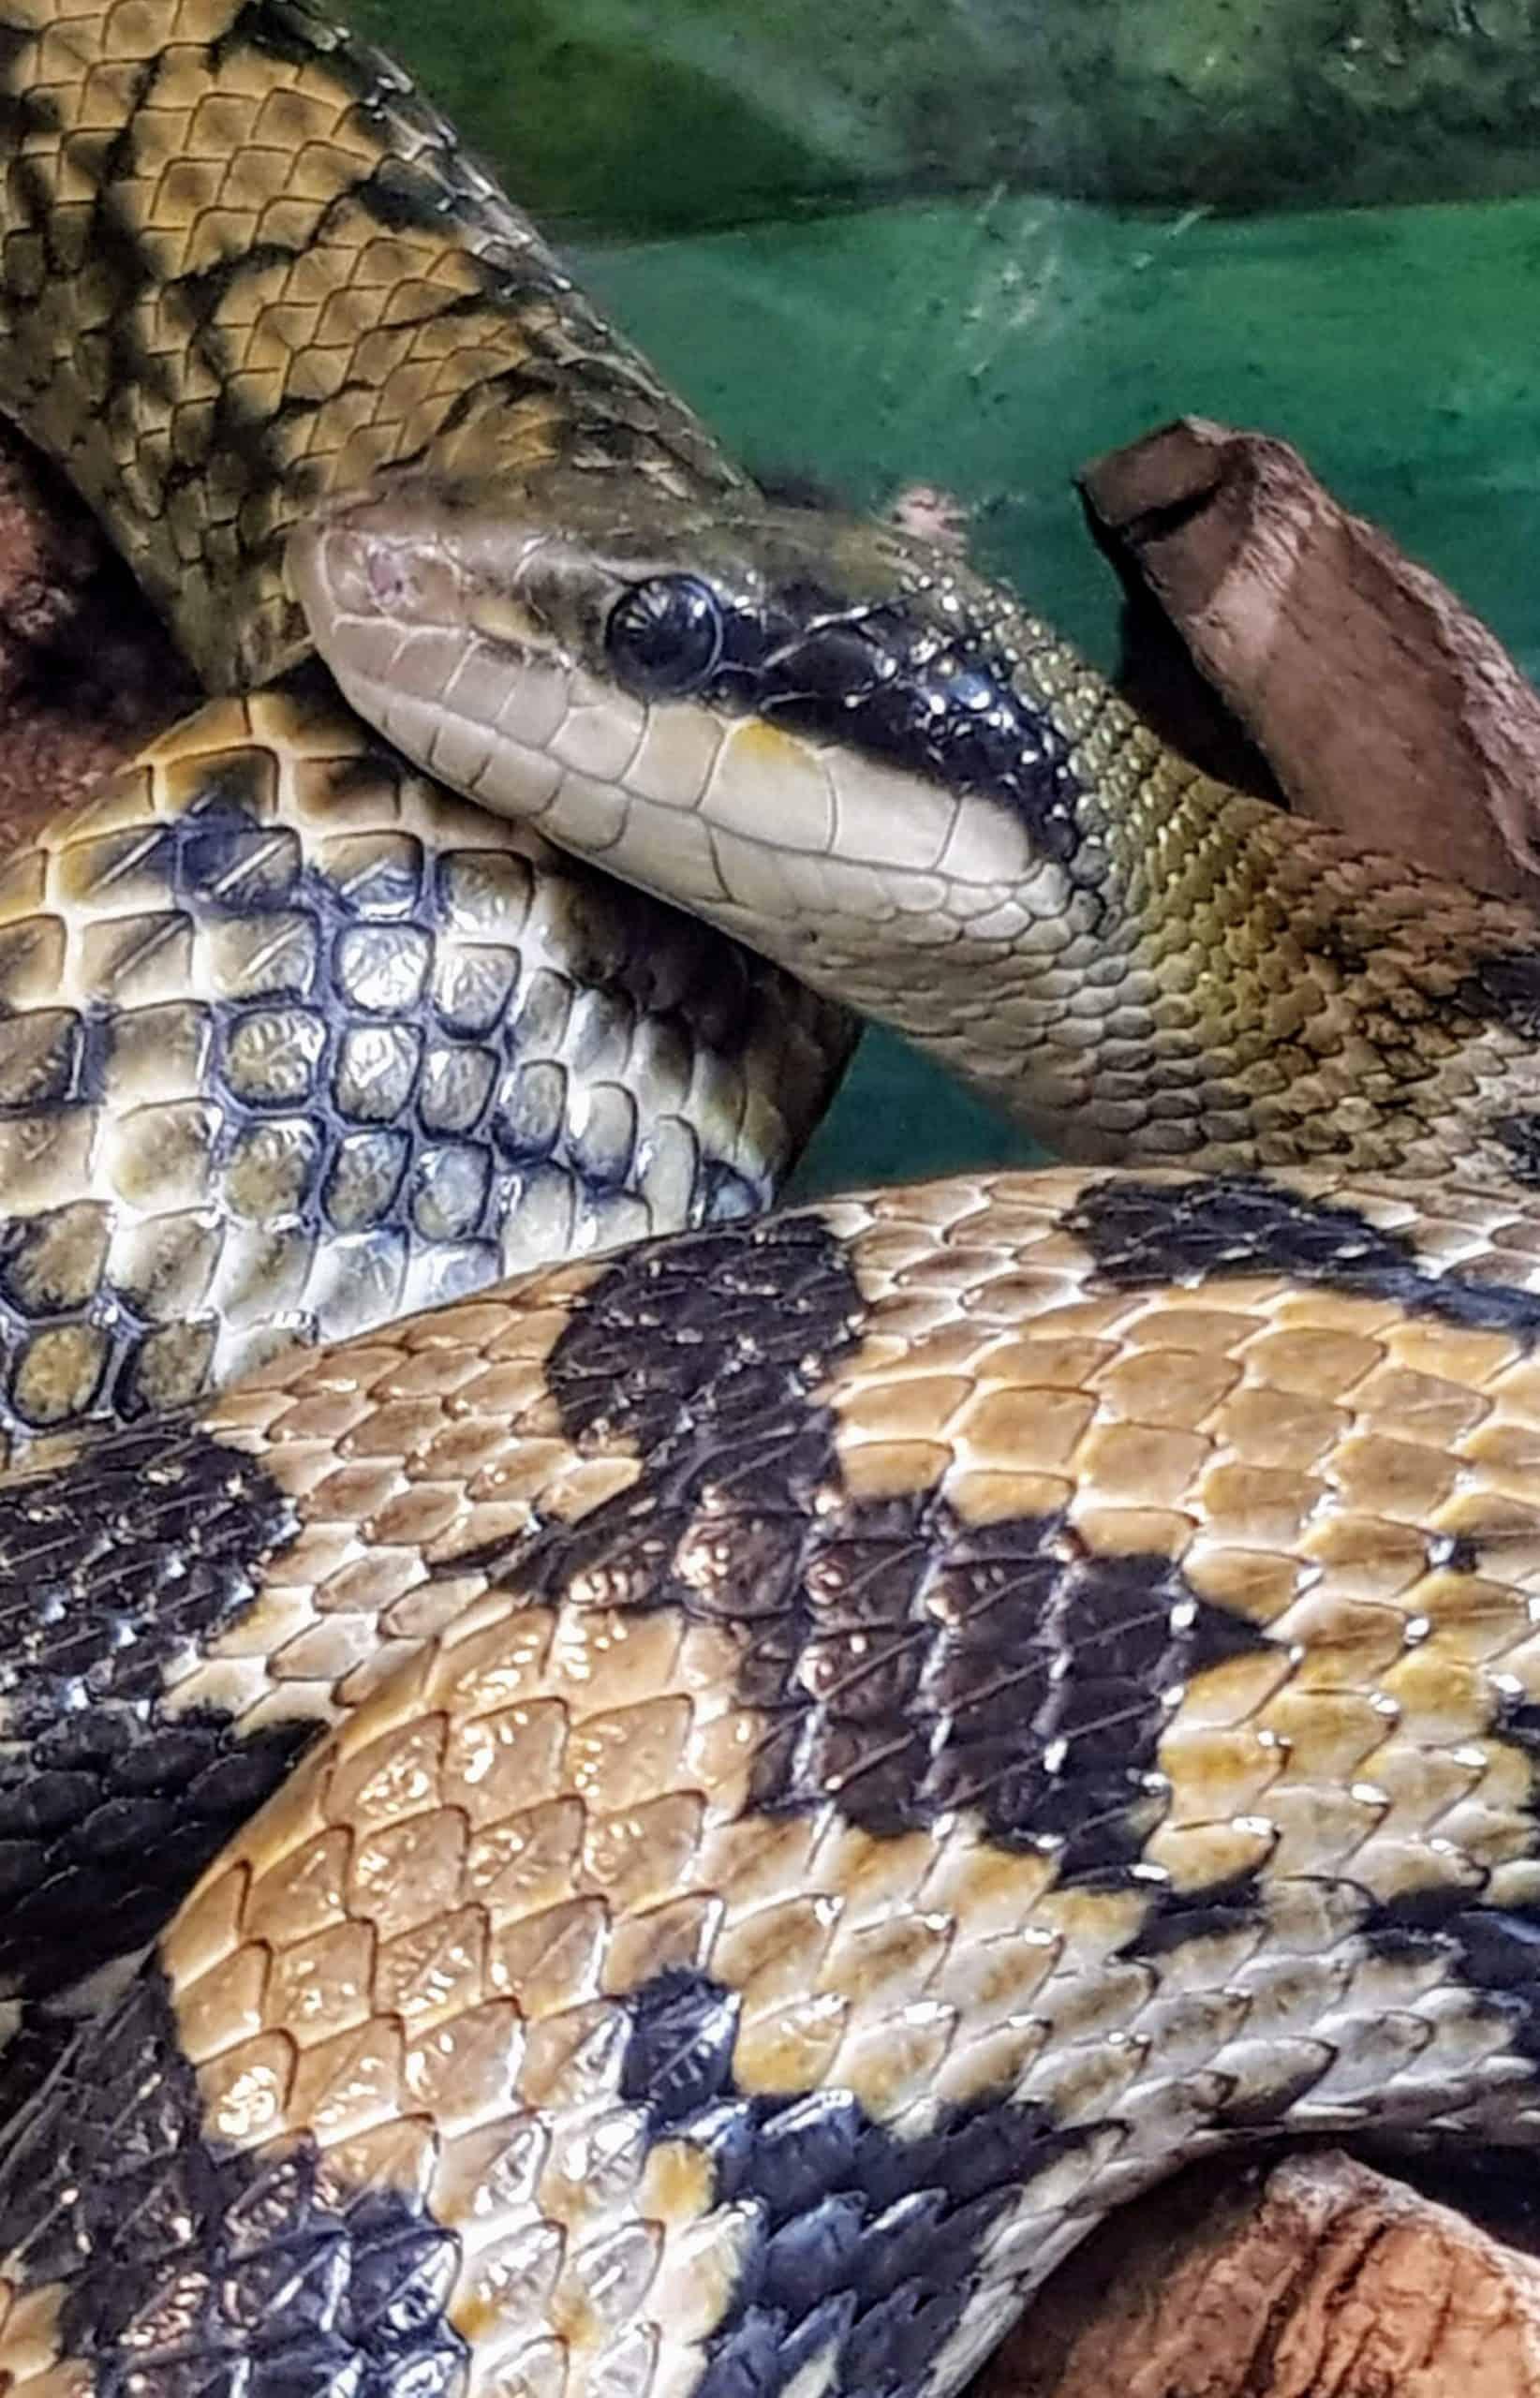 Schlange im Reptilienzoo Happ - Kärnten